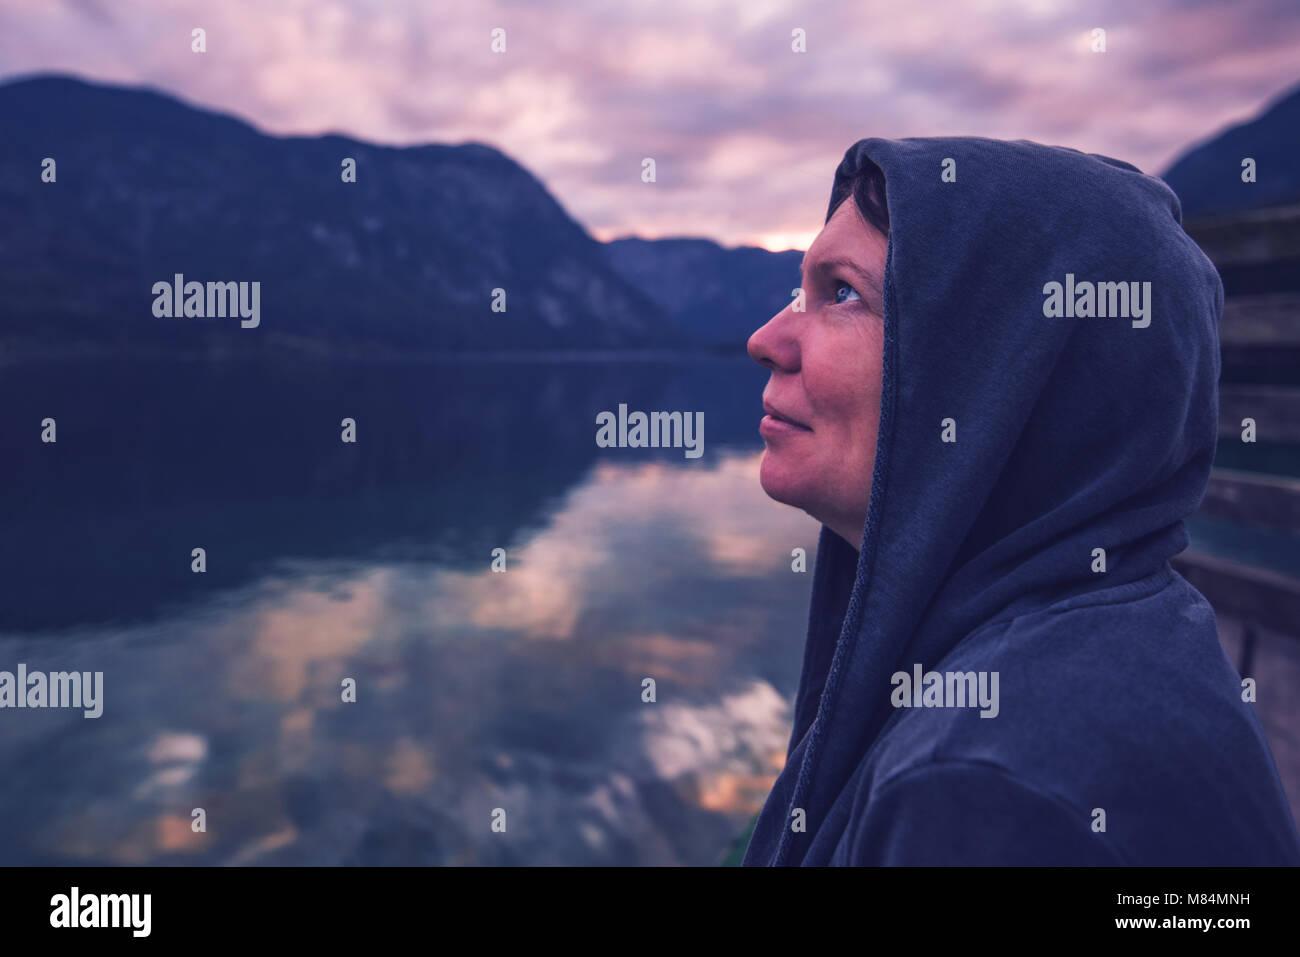 Lonely donna guardando il cielo drammatico. Persona di sesso femminile in felpa con cappuccio in piedi da solo dal Immagini Stock